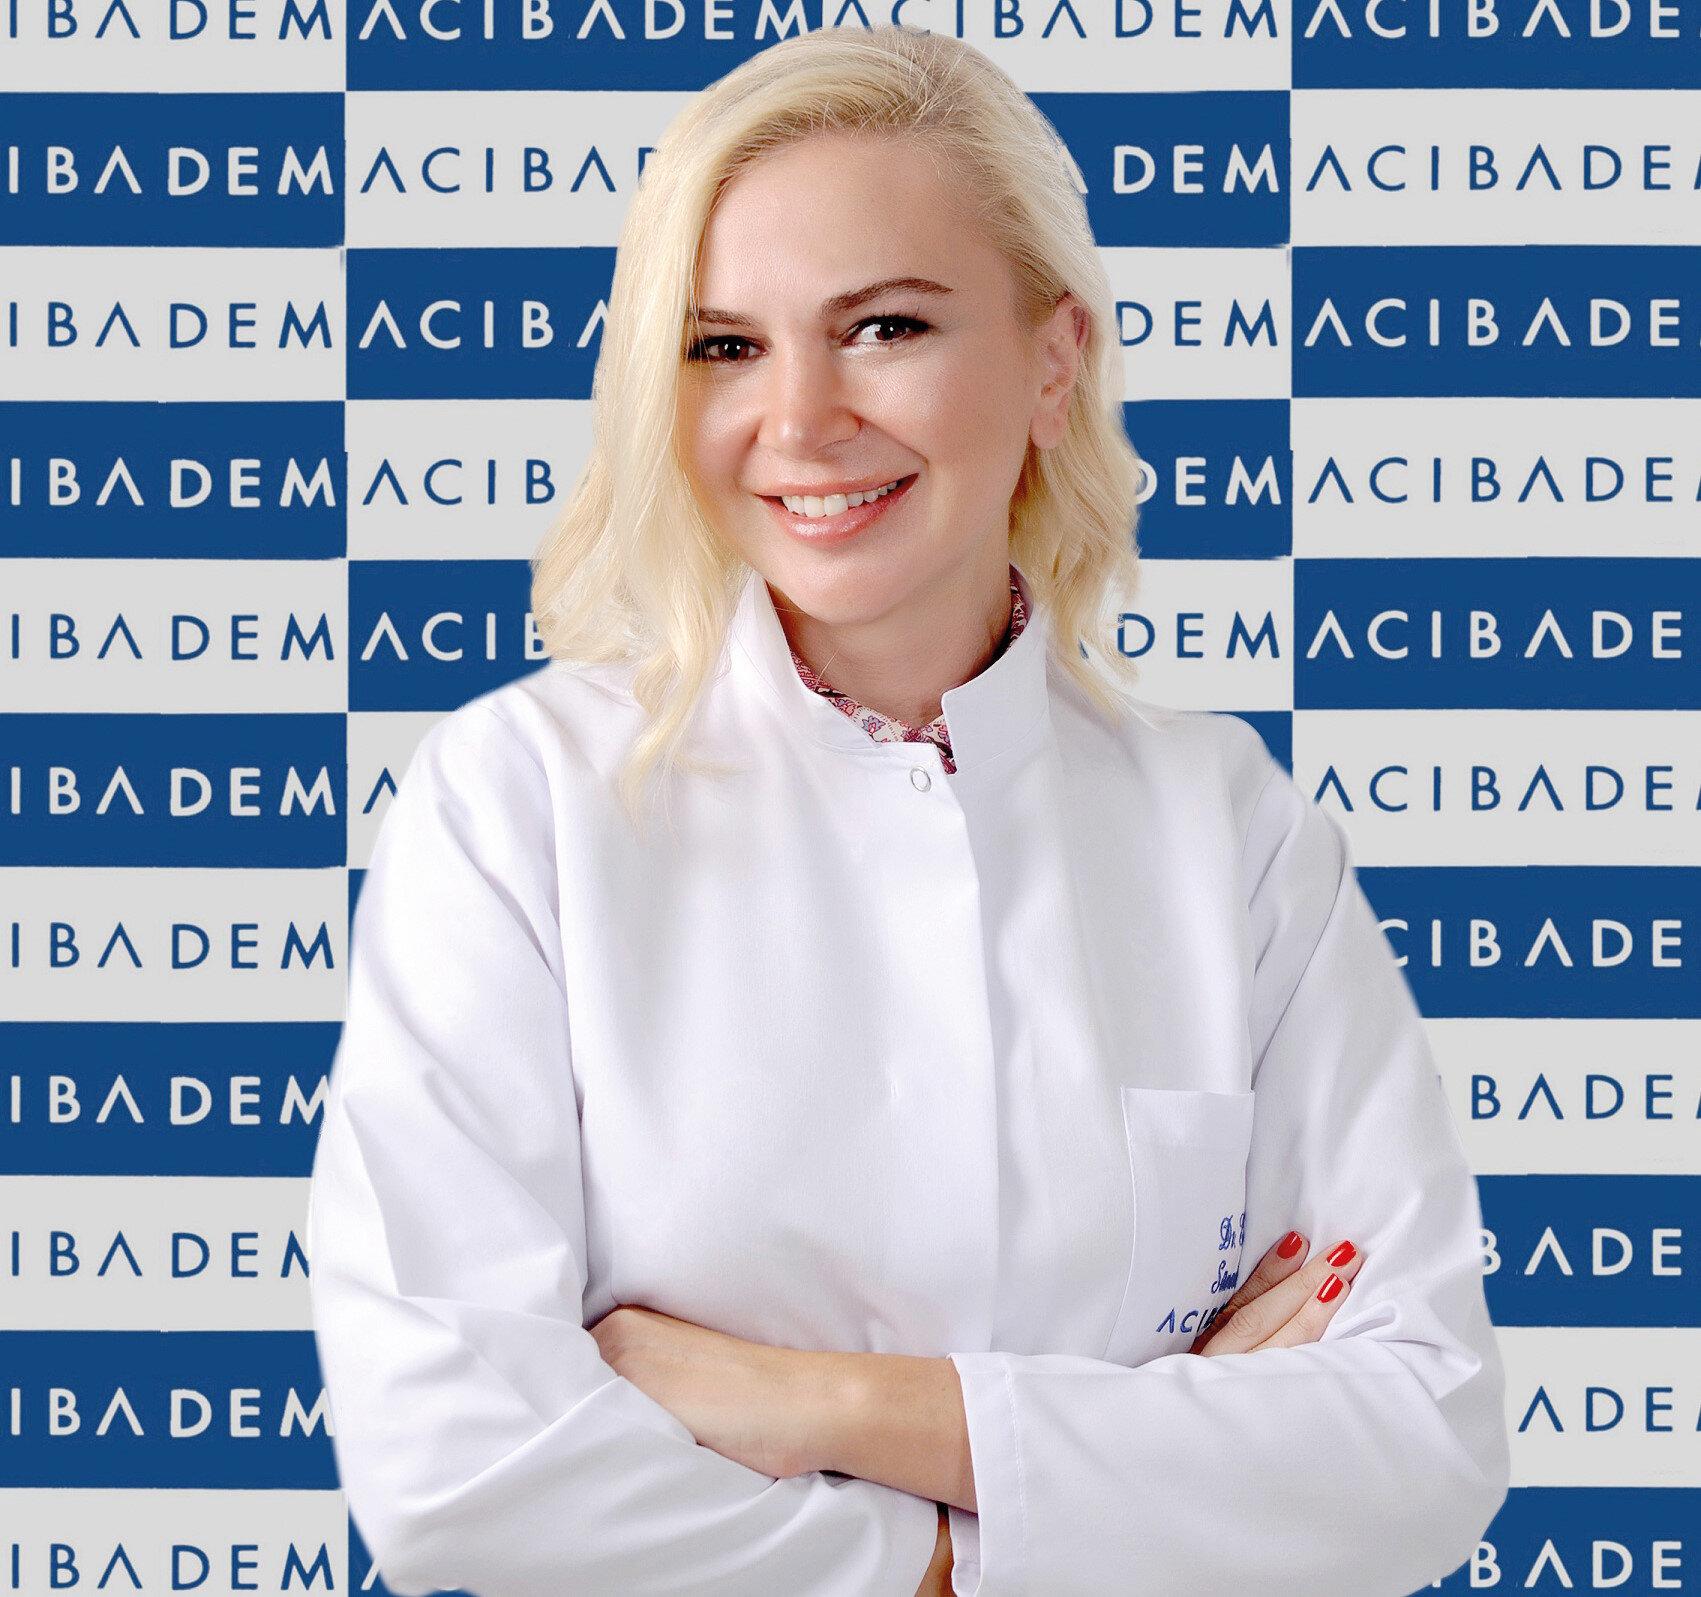 Çocuk Sağlığı ve Hastalıkları Uzmanı Dr. Eda Sünnetçi